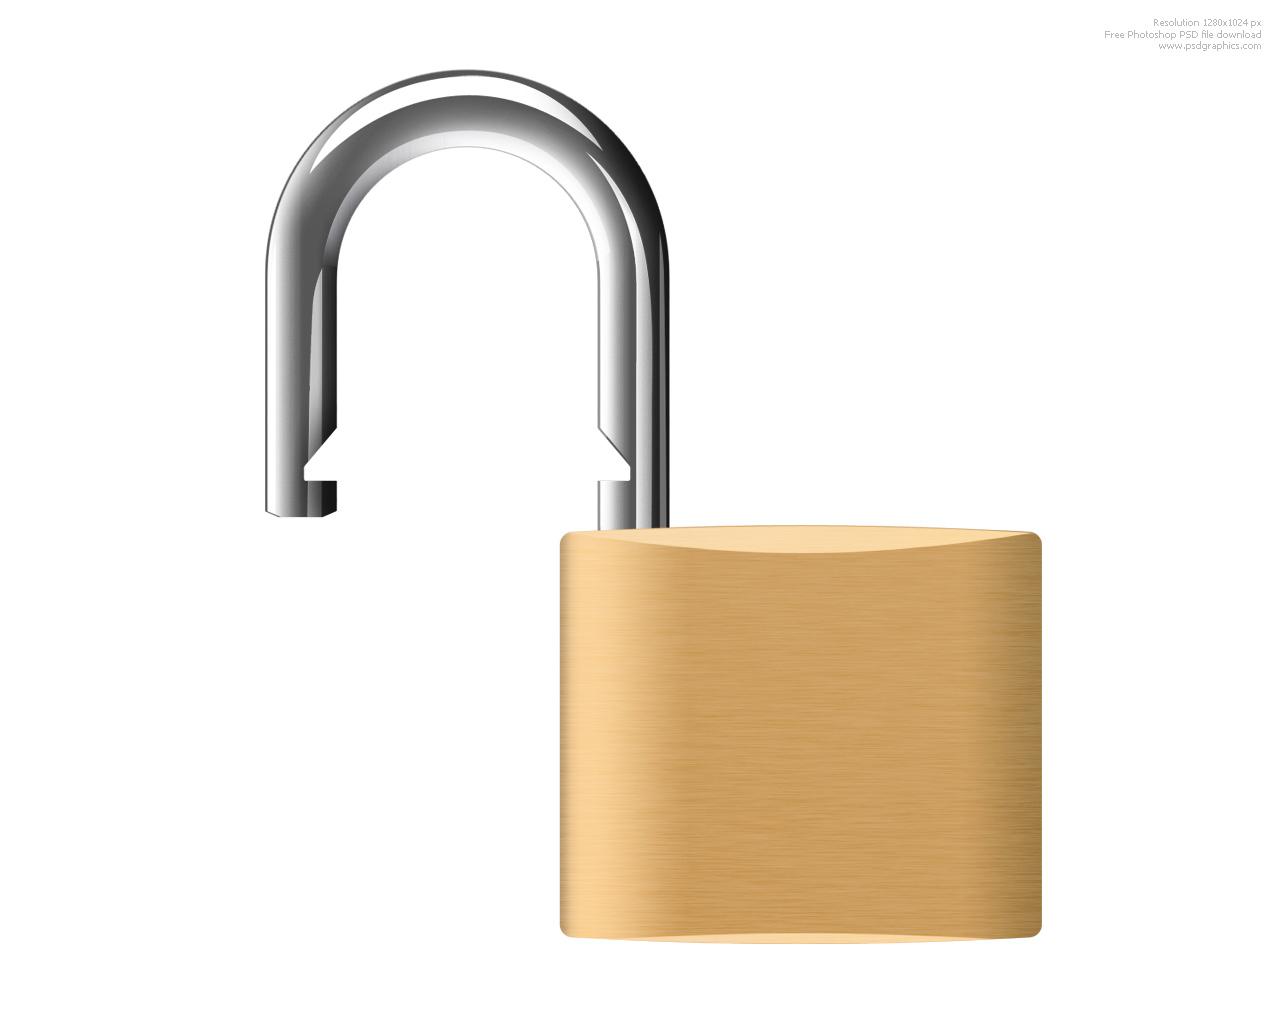 Unlocked Lock Clipart.